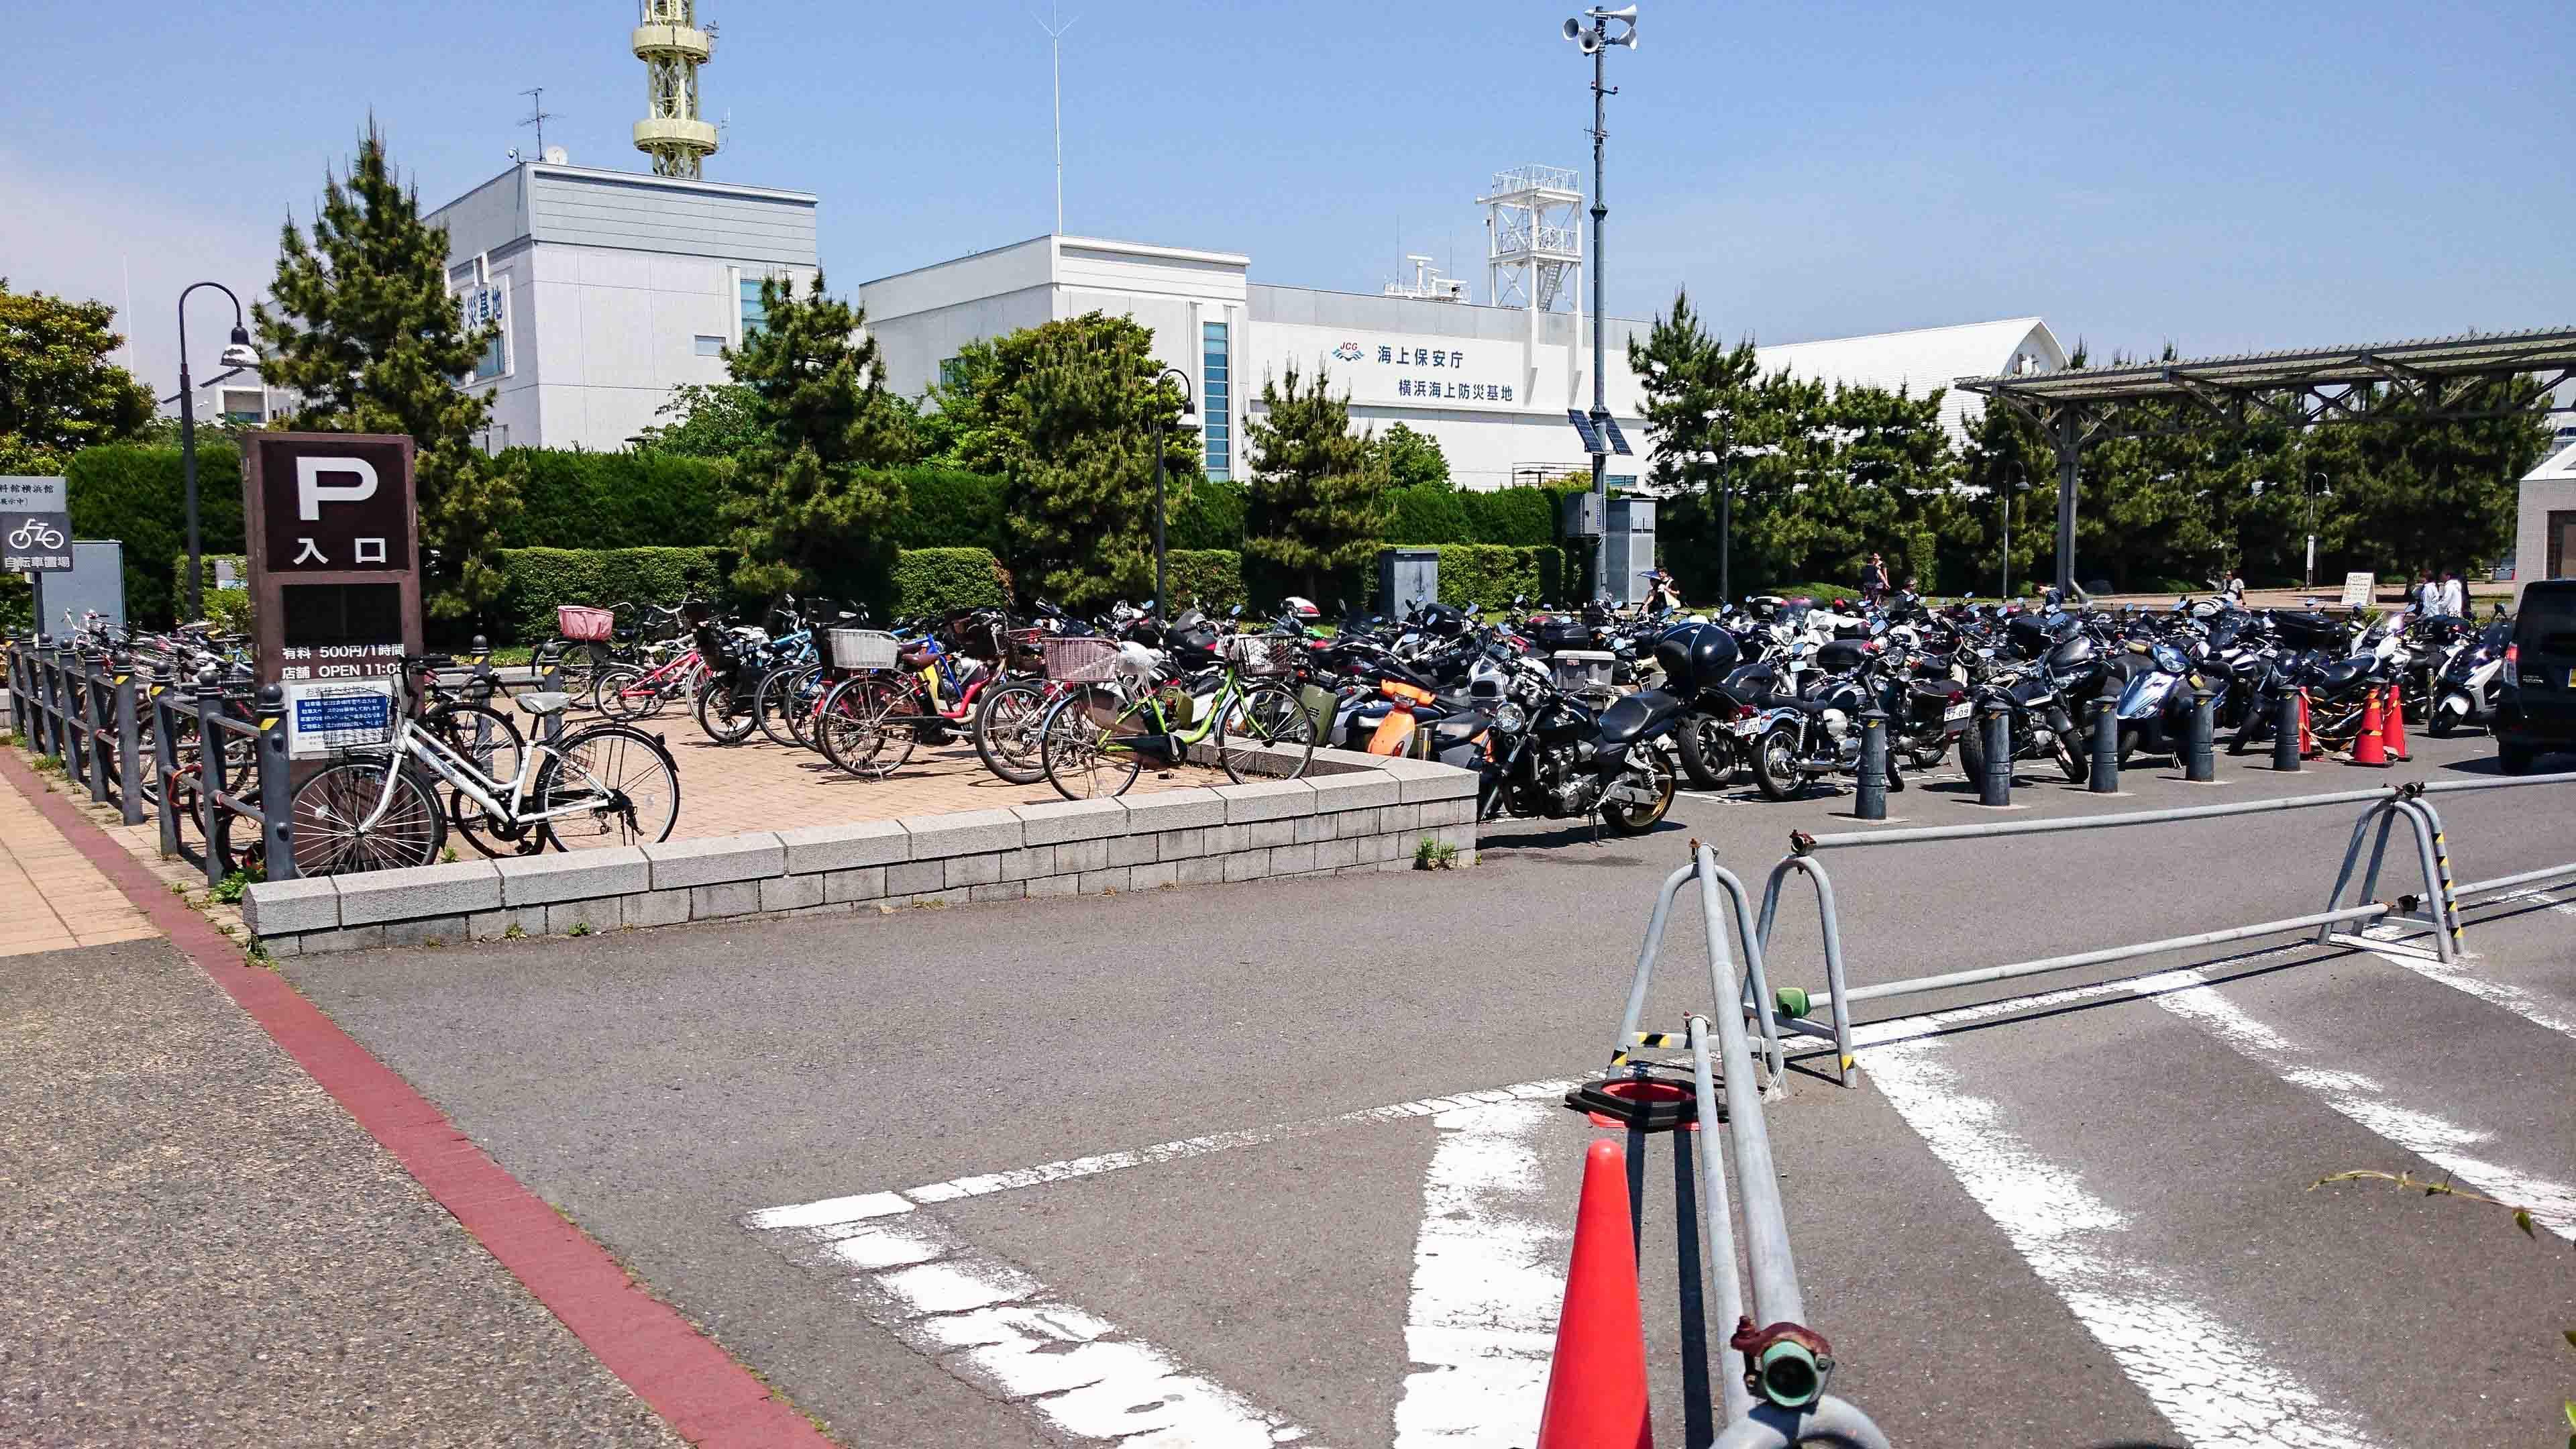 【無料!】横浜赤レンガパーク内バイク駐輪場に行ってみた!大型バイクは要注意!